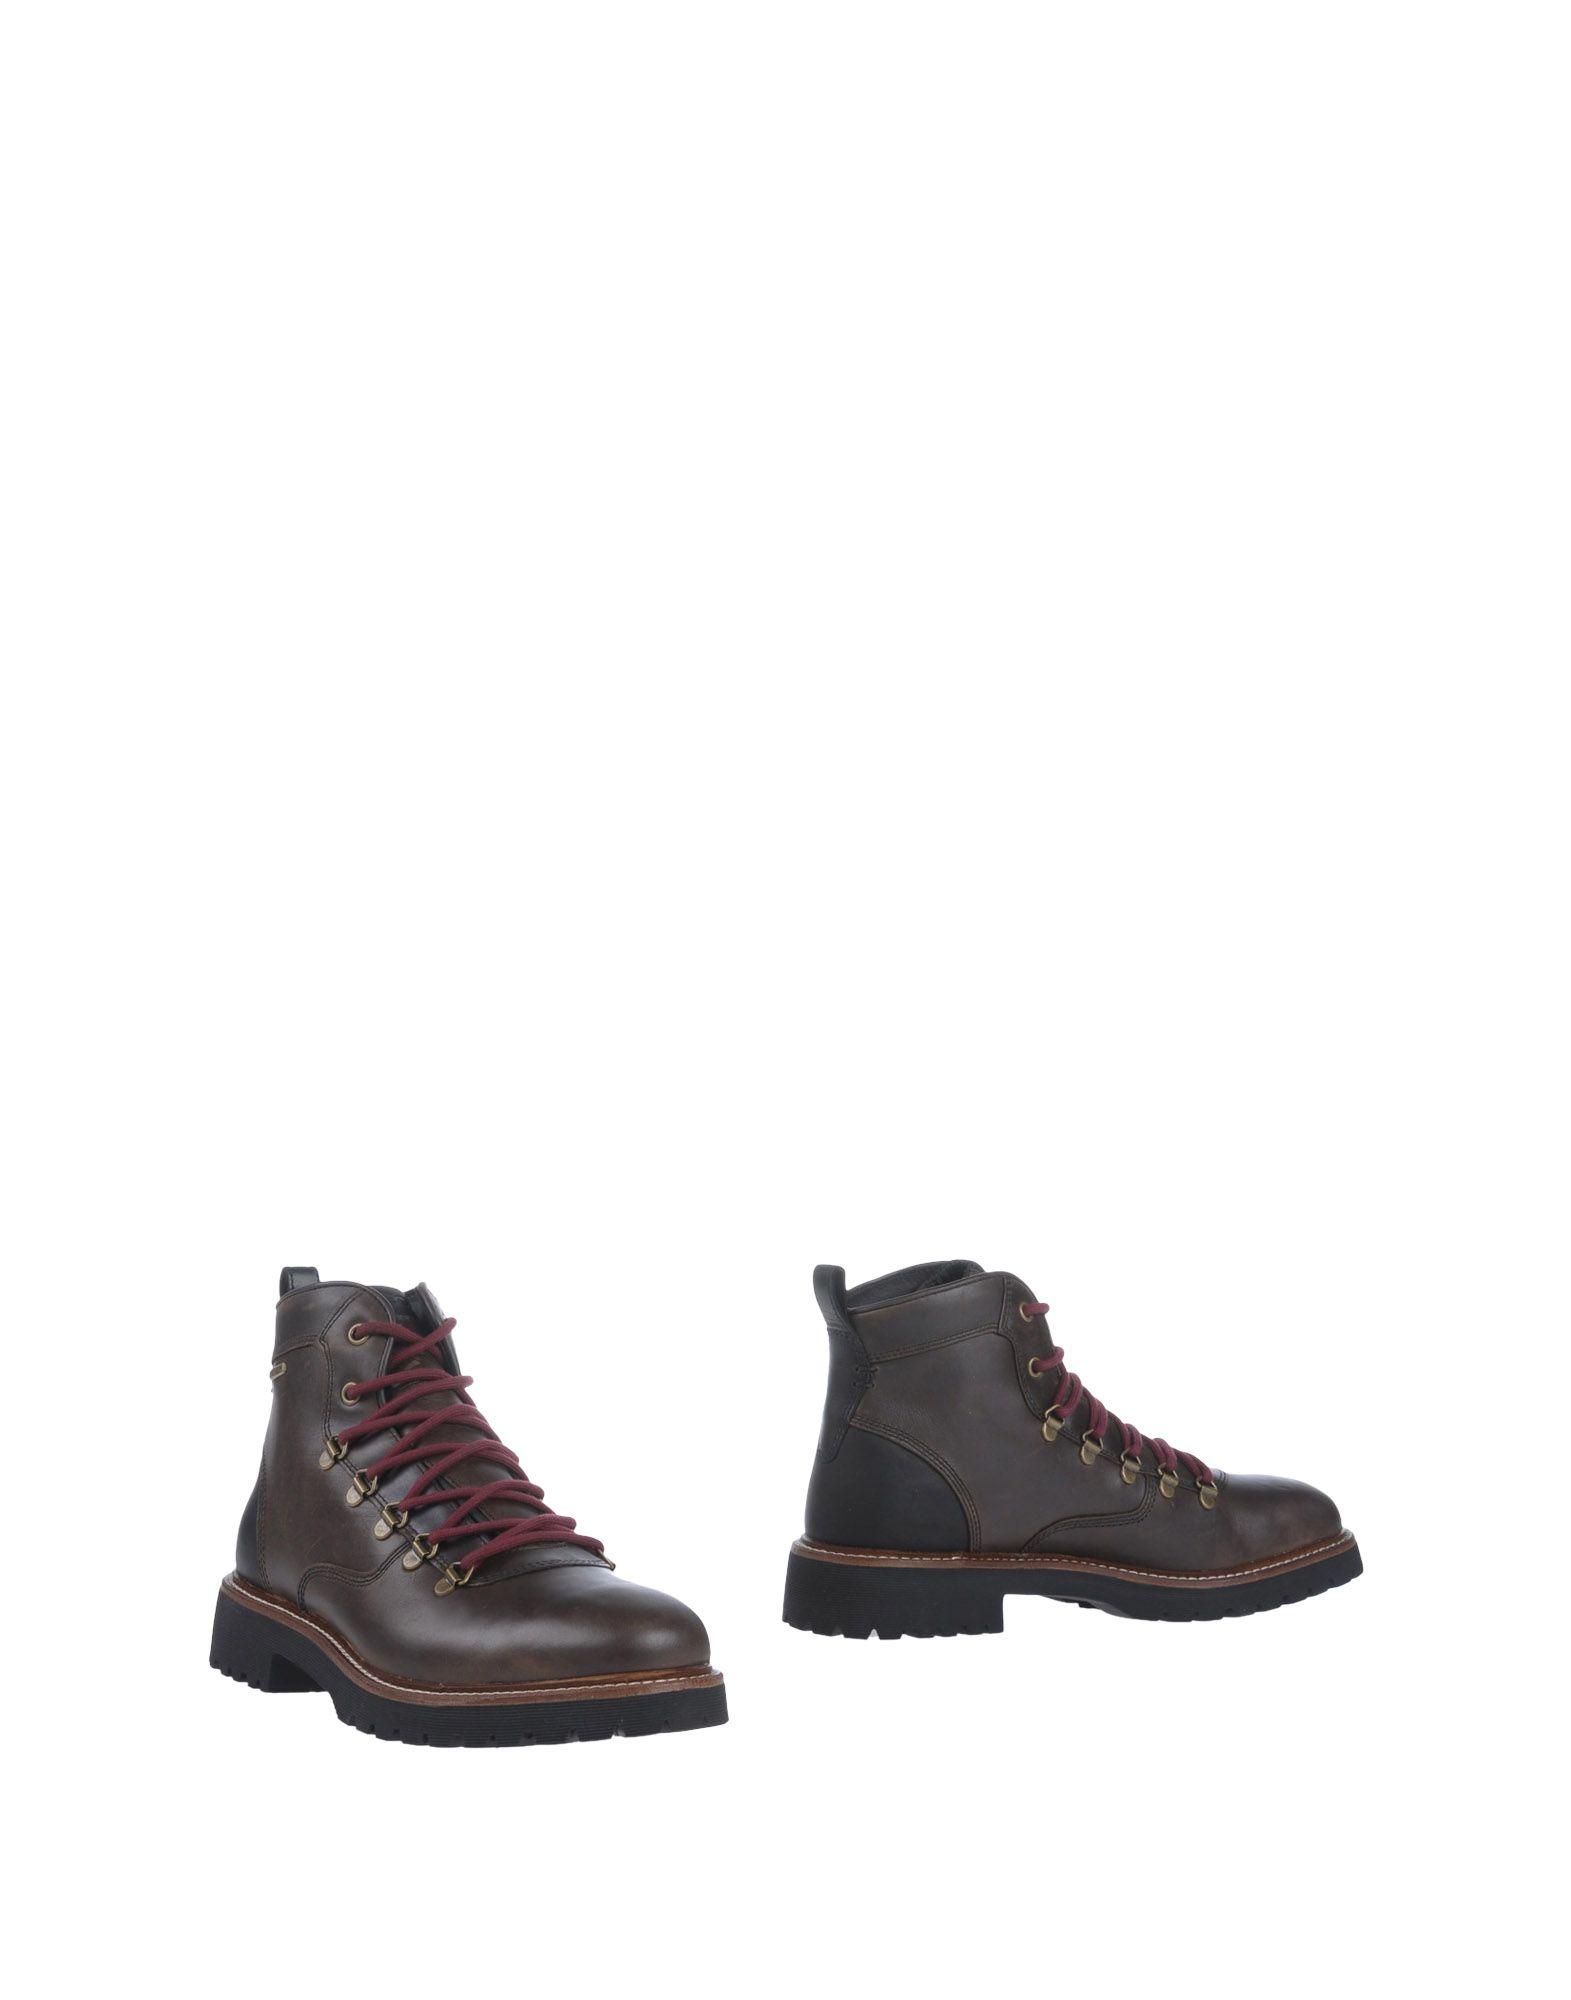 Geox Stiefelette Herren  11109272OA Gute Qualität beliebte Schuhe